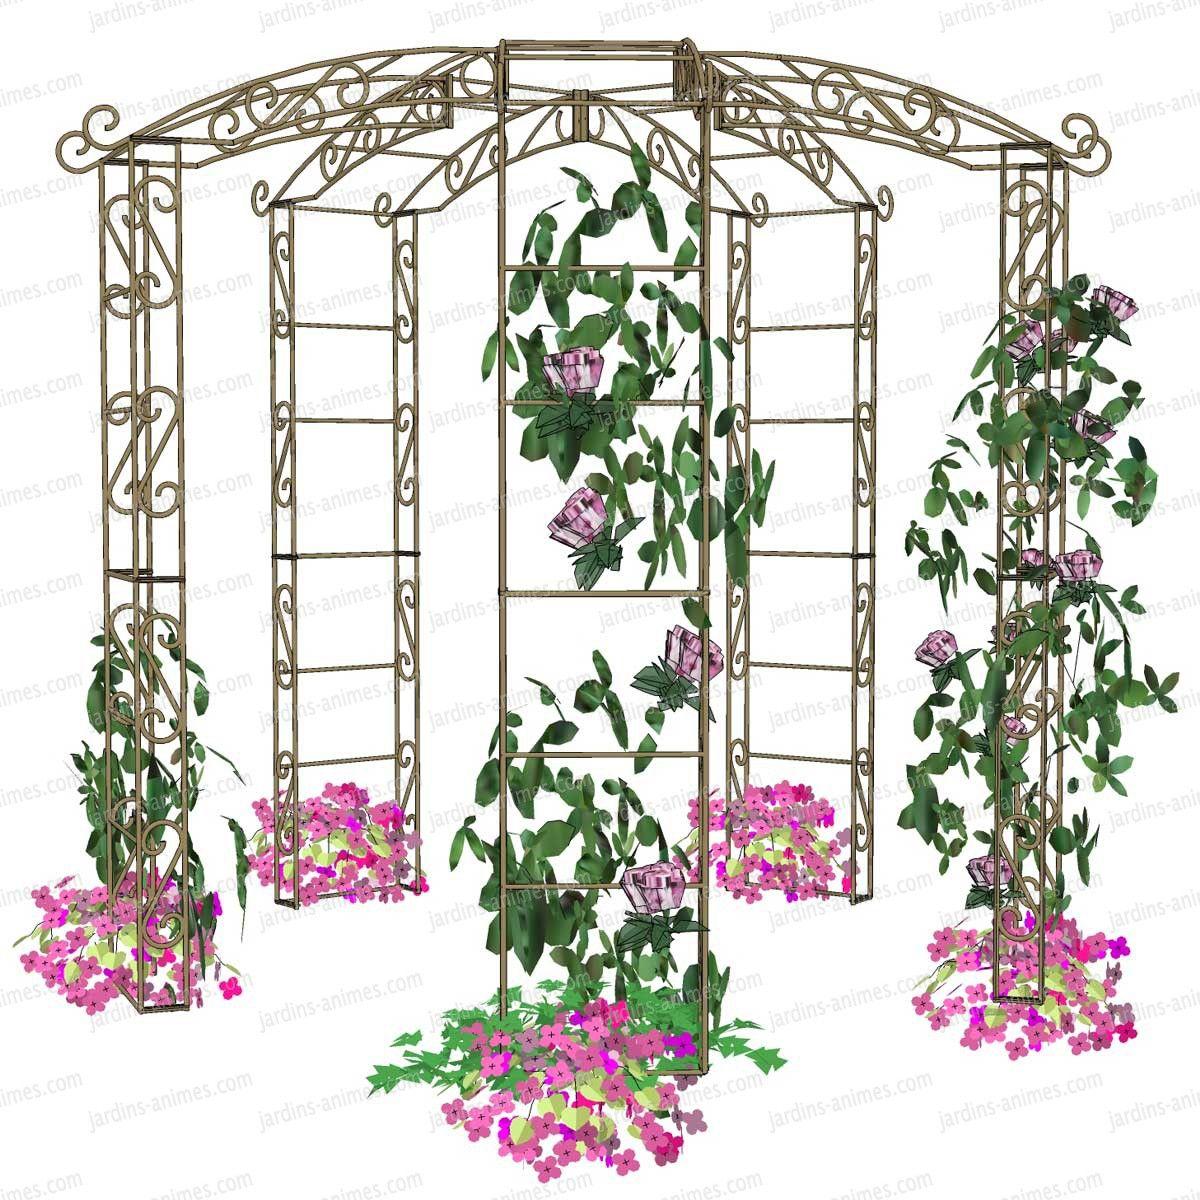 Kiosque De Jardin En Fer Forgé - Idees Conception Jardin | Idees Conception Jardin